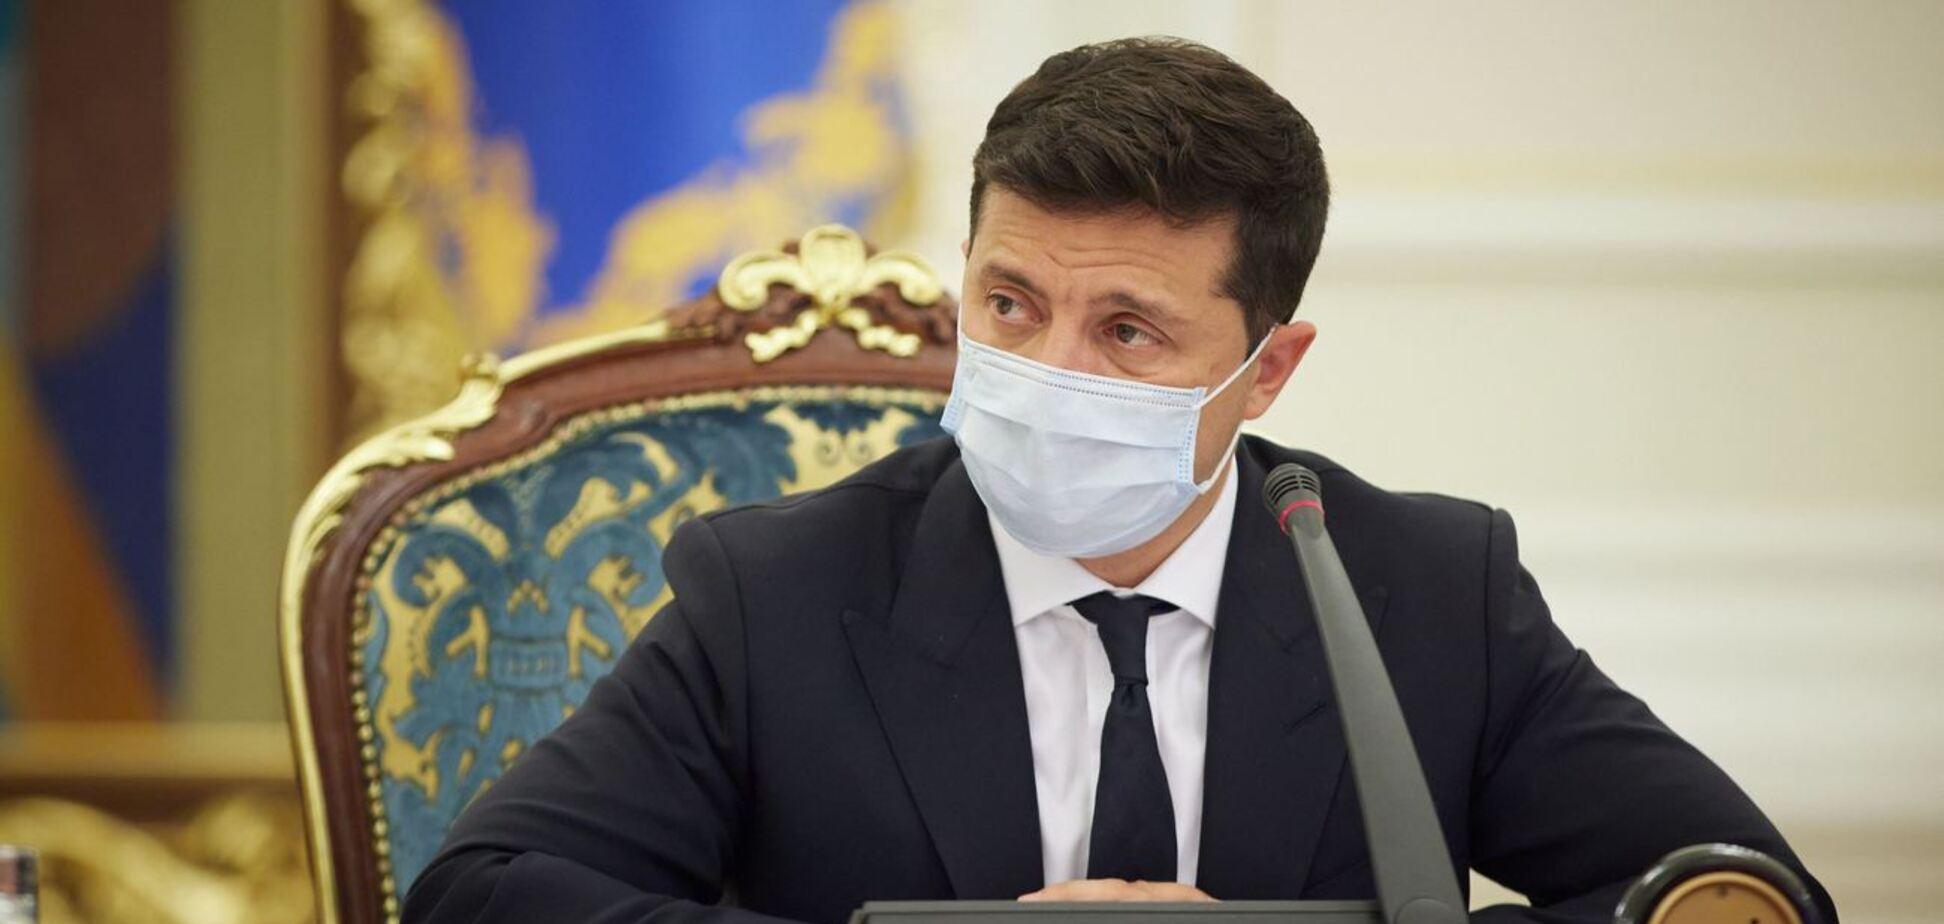 Володимир Зеленський відзвітував перед українцями про розв'язання проблеми високих цін на газ